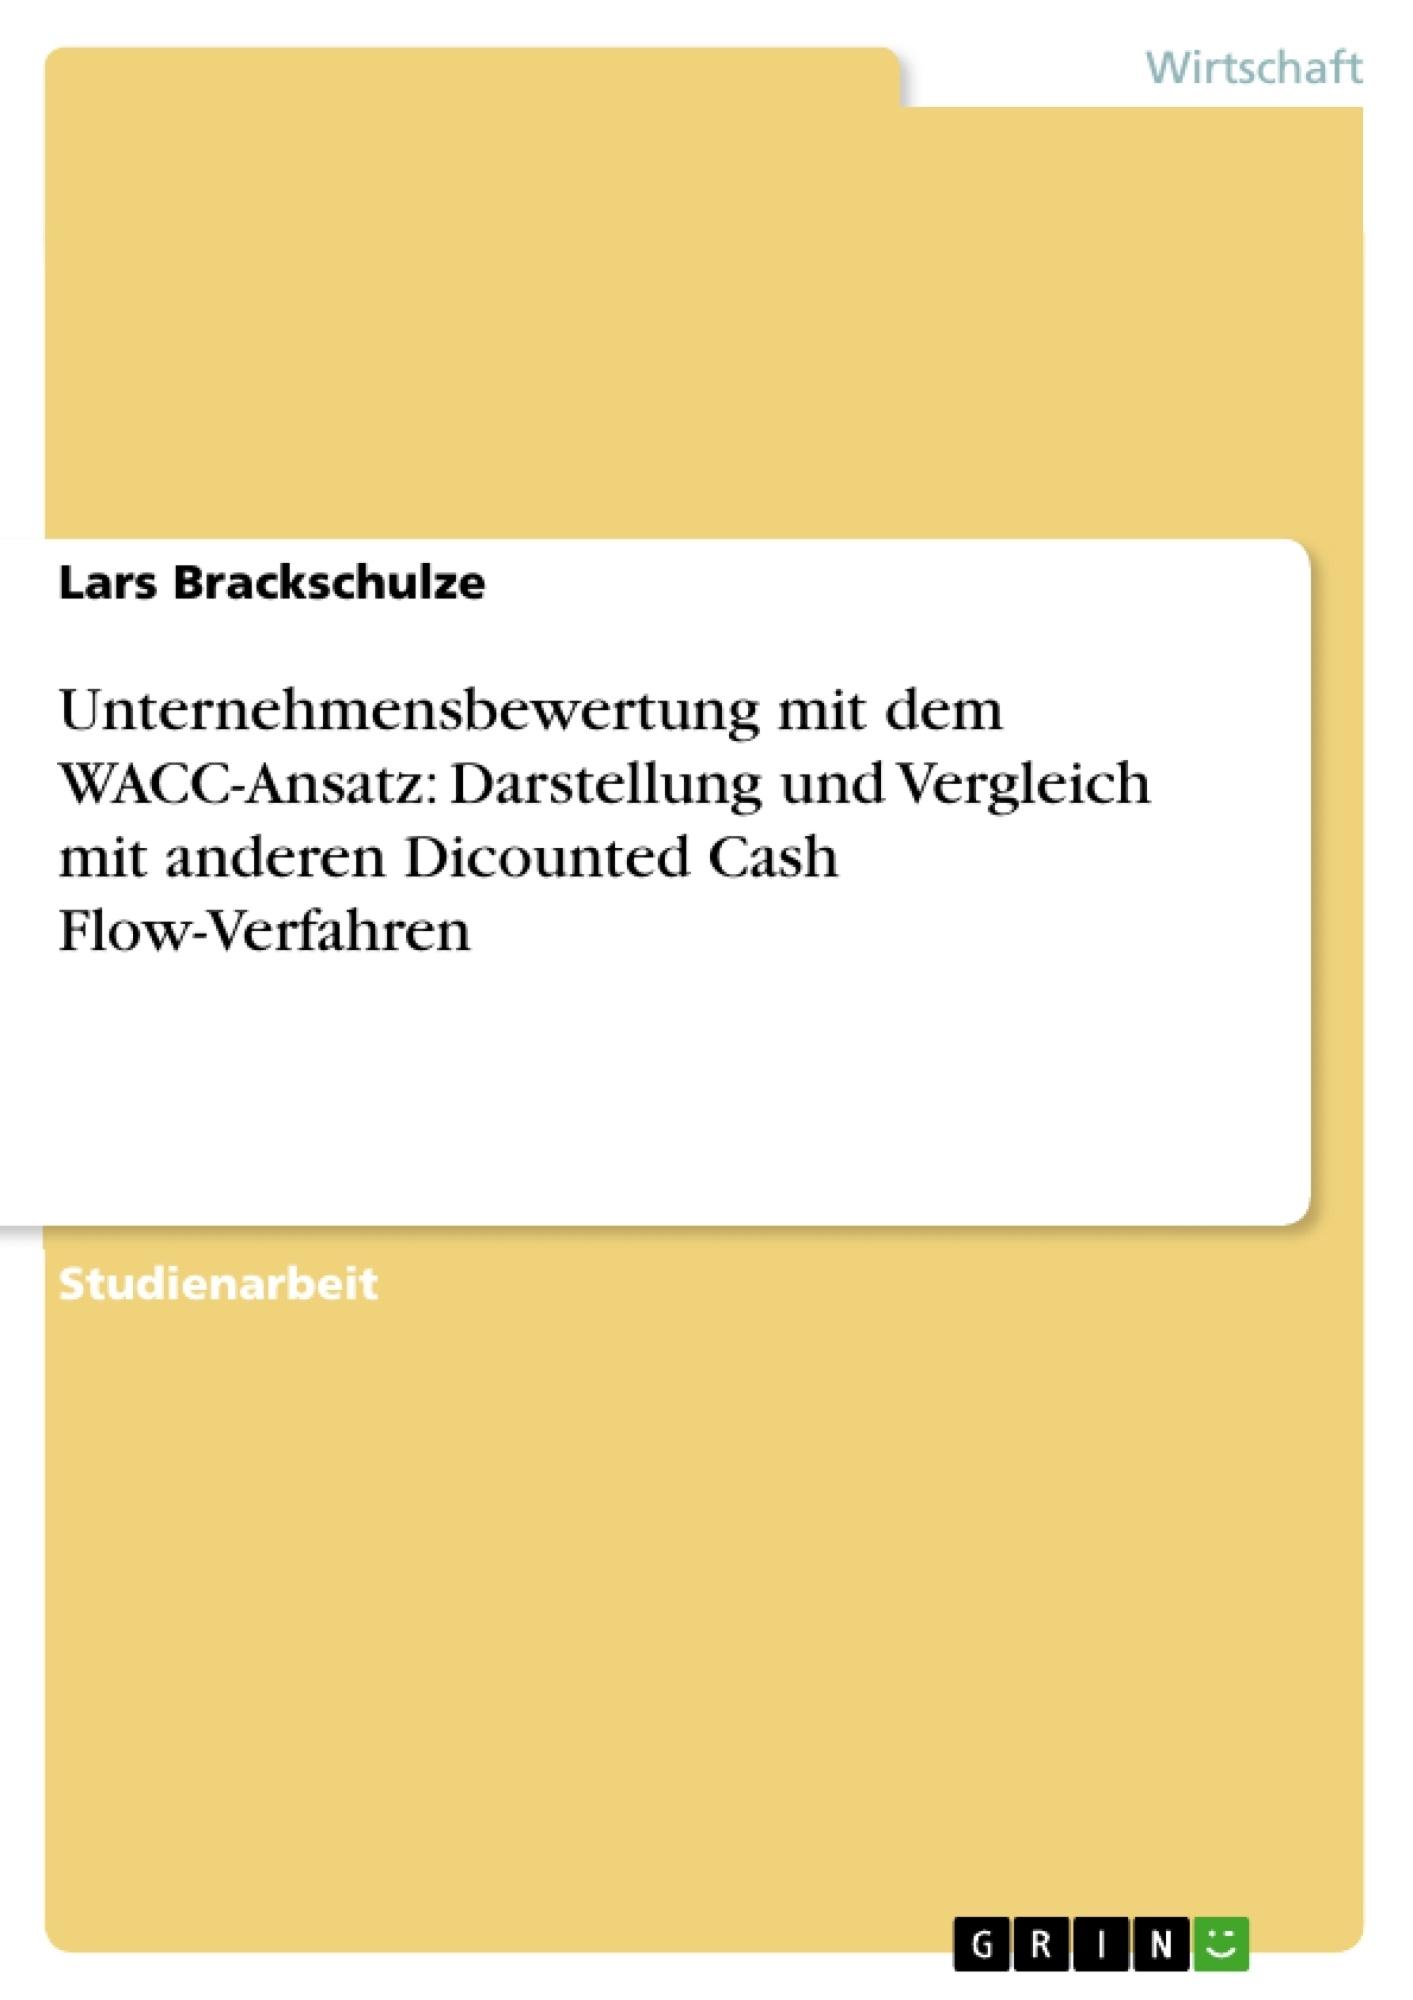 Titel: Unternehmensbewertung mit dem WACC-Ansatz: Darstellung und Vergleich mit anderen Dicounted Cash Flow-Verfahren